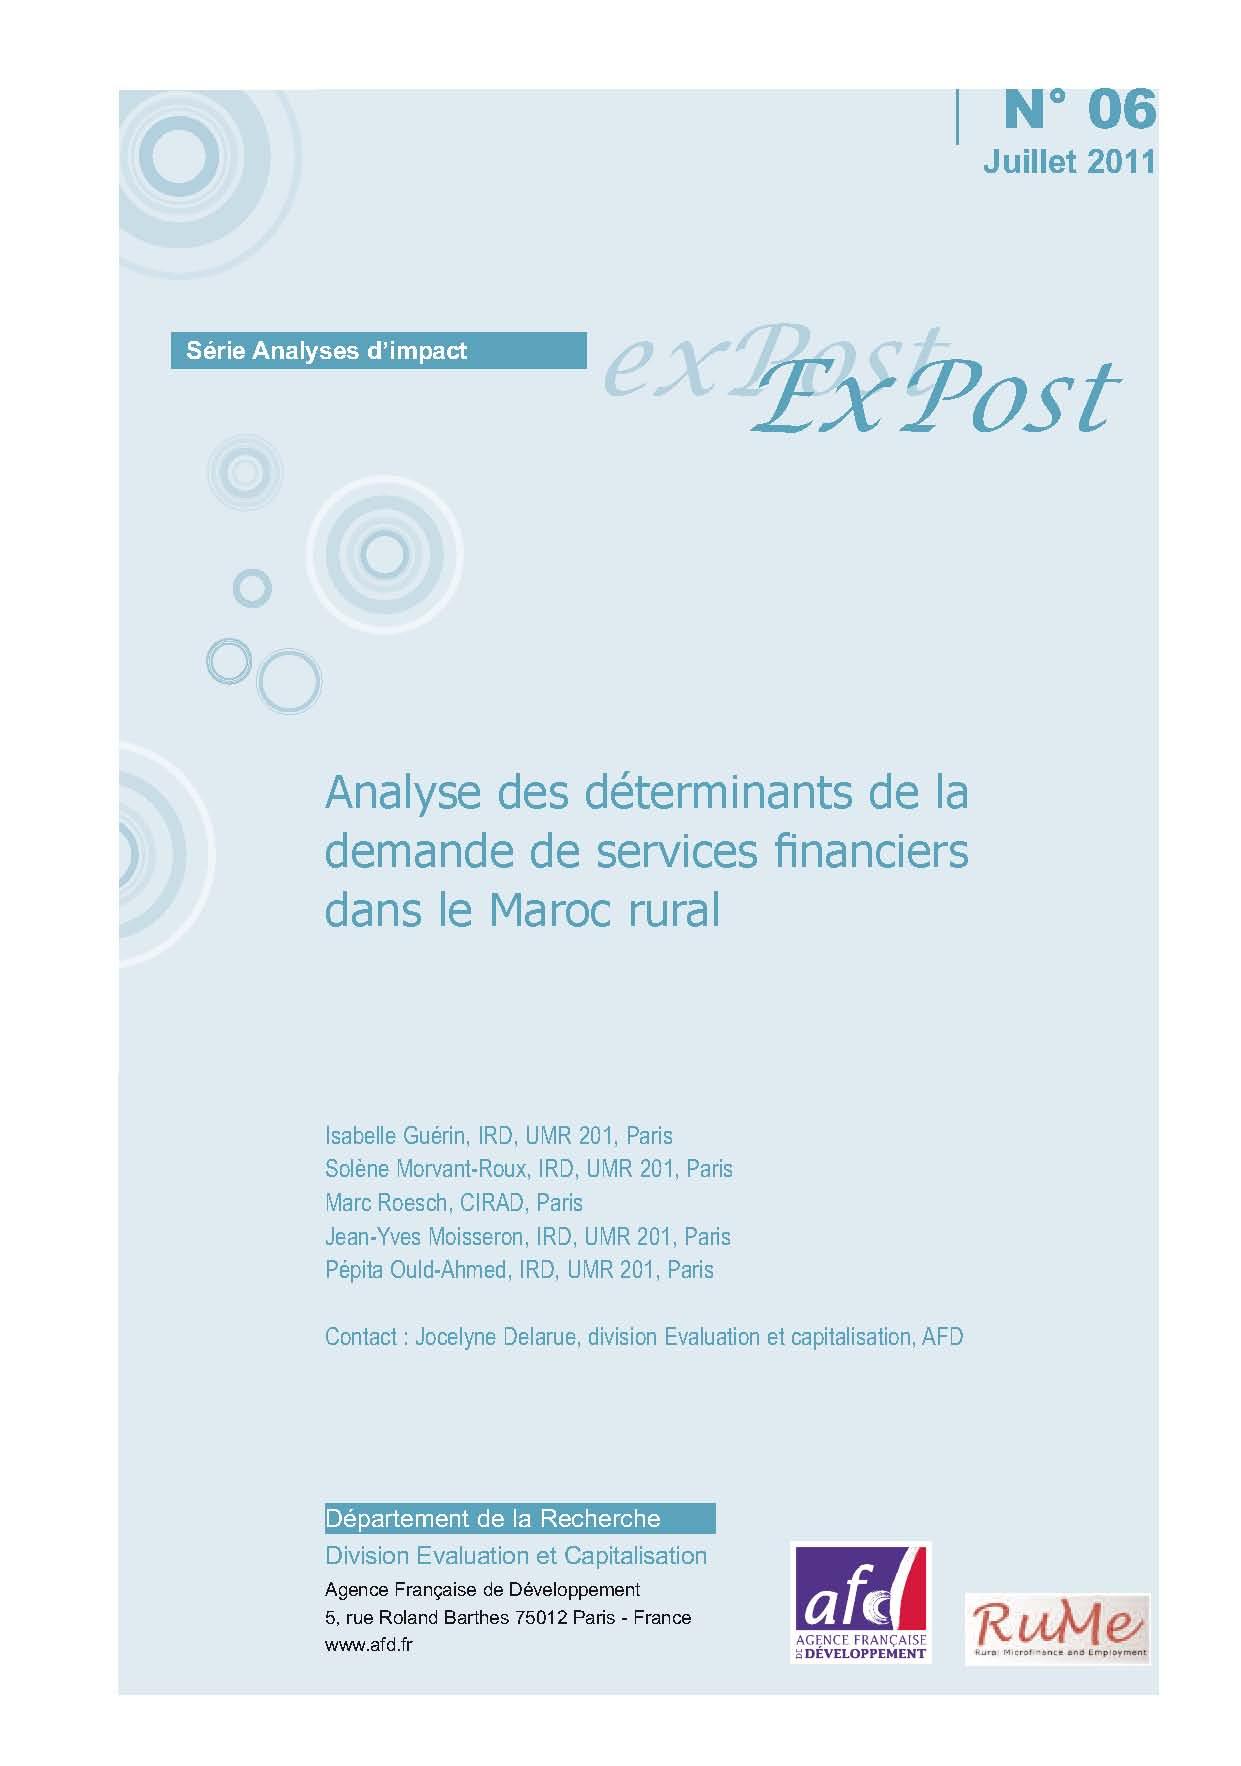 Analyse des déterminants de la demande de services financiers dans le Maroc rural